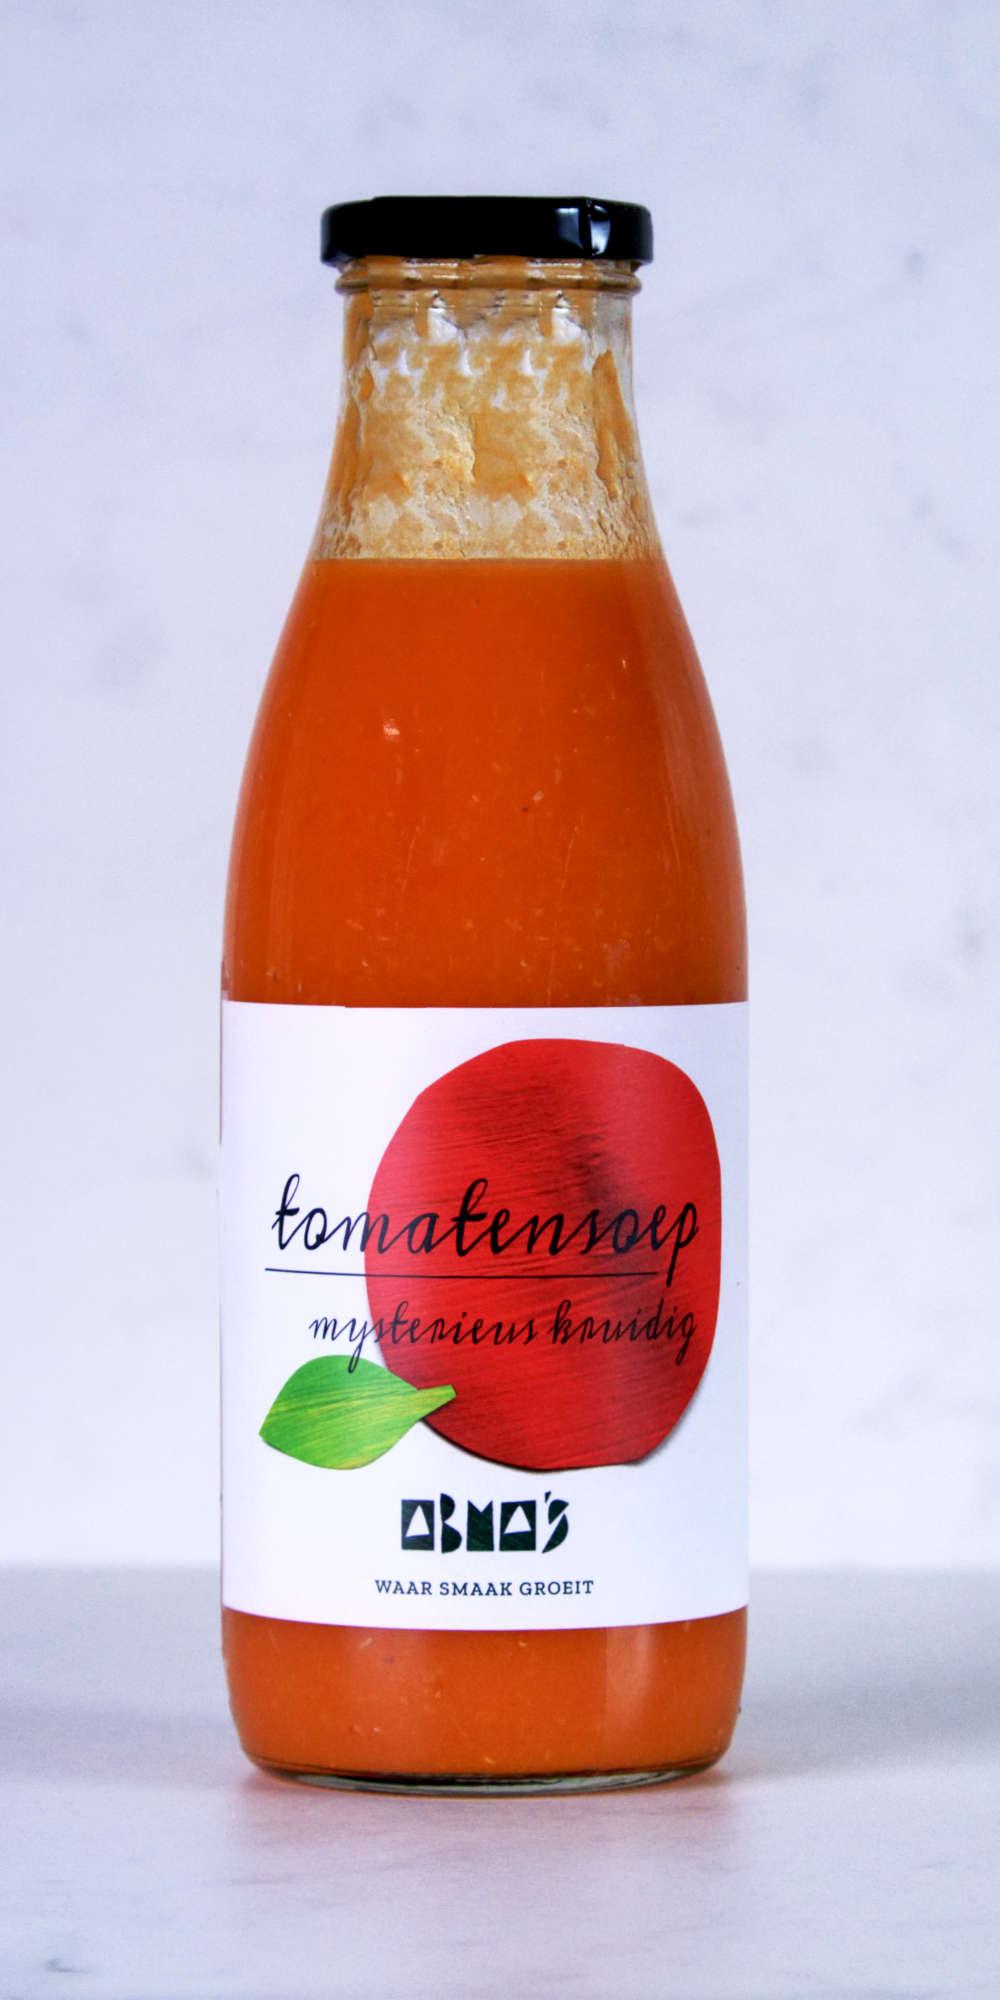 Fles Abma's tomatensoep.